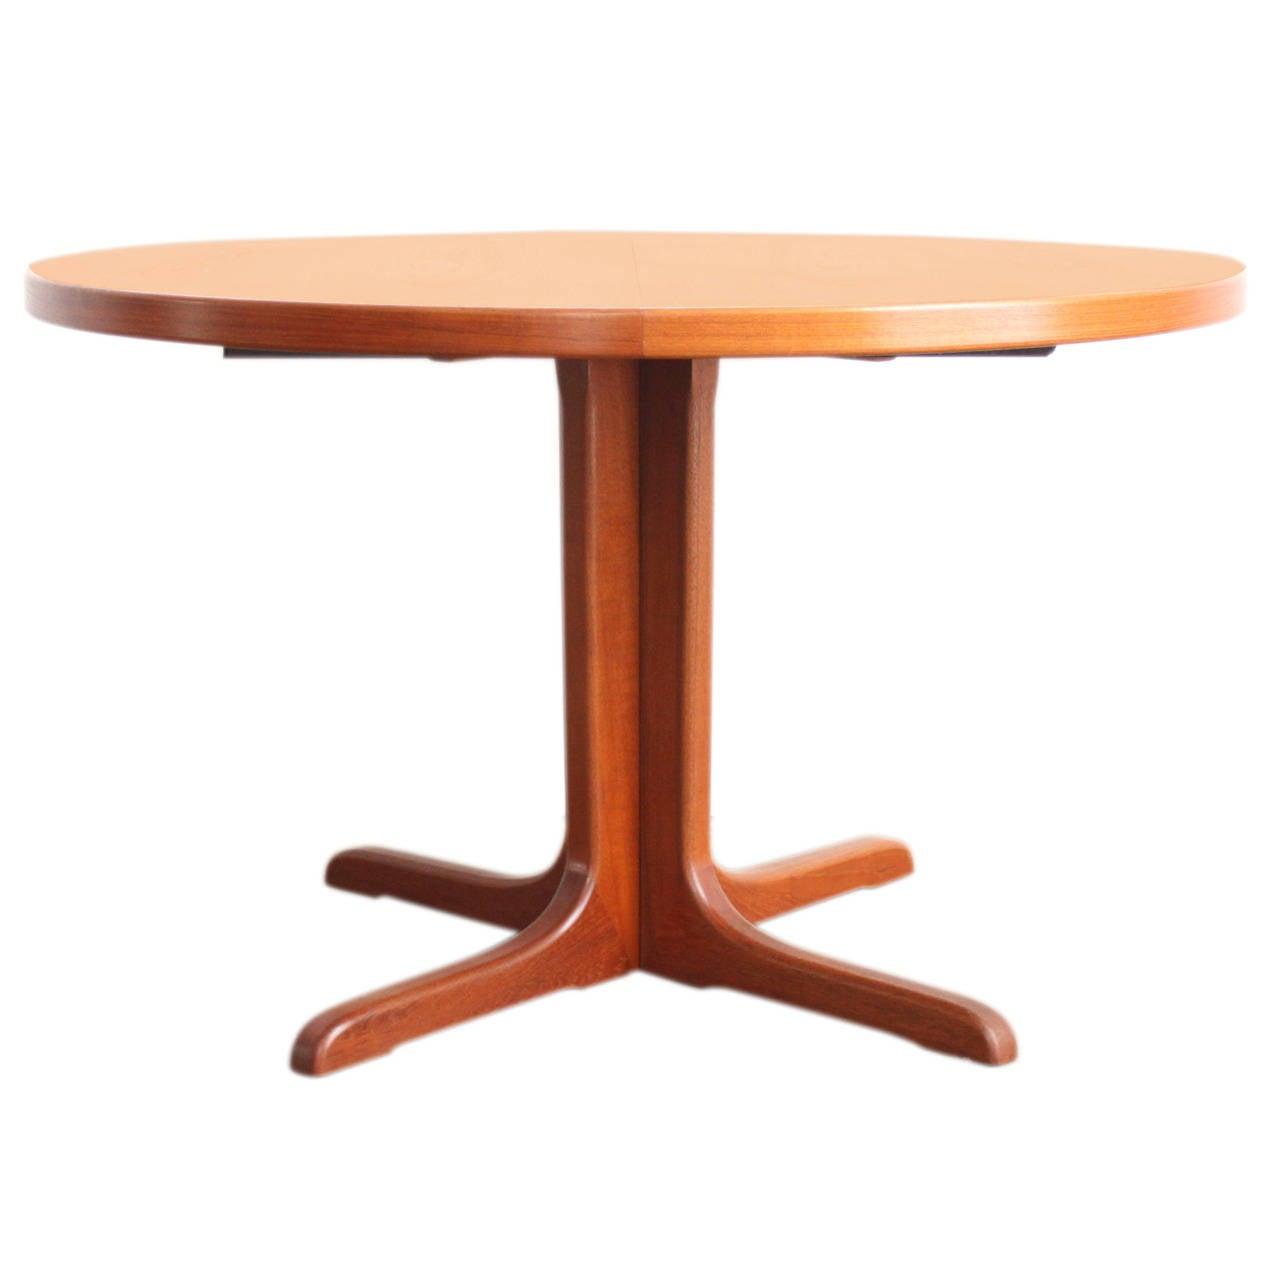 Teak Pedestal Dining Table at 1stdibs : 1585882l from www.1stdibs.com size 1280 x 1280 jpeg 46kB